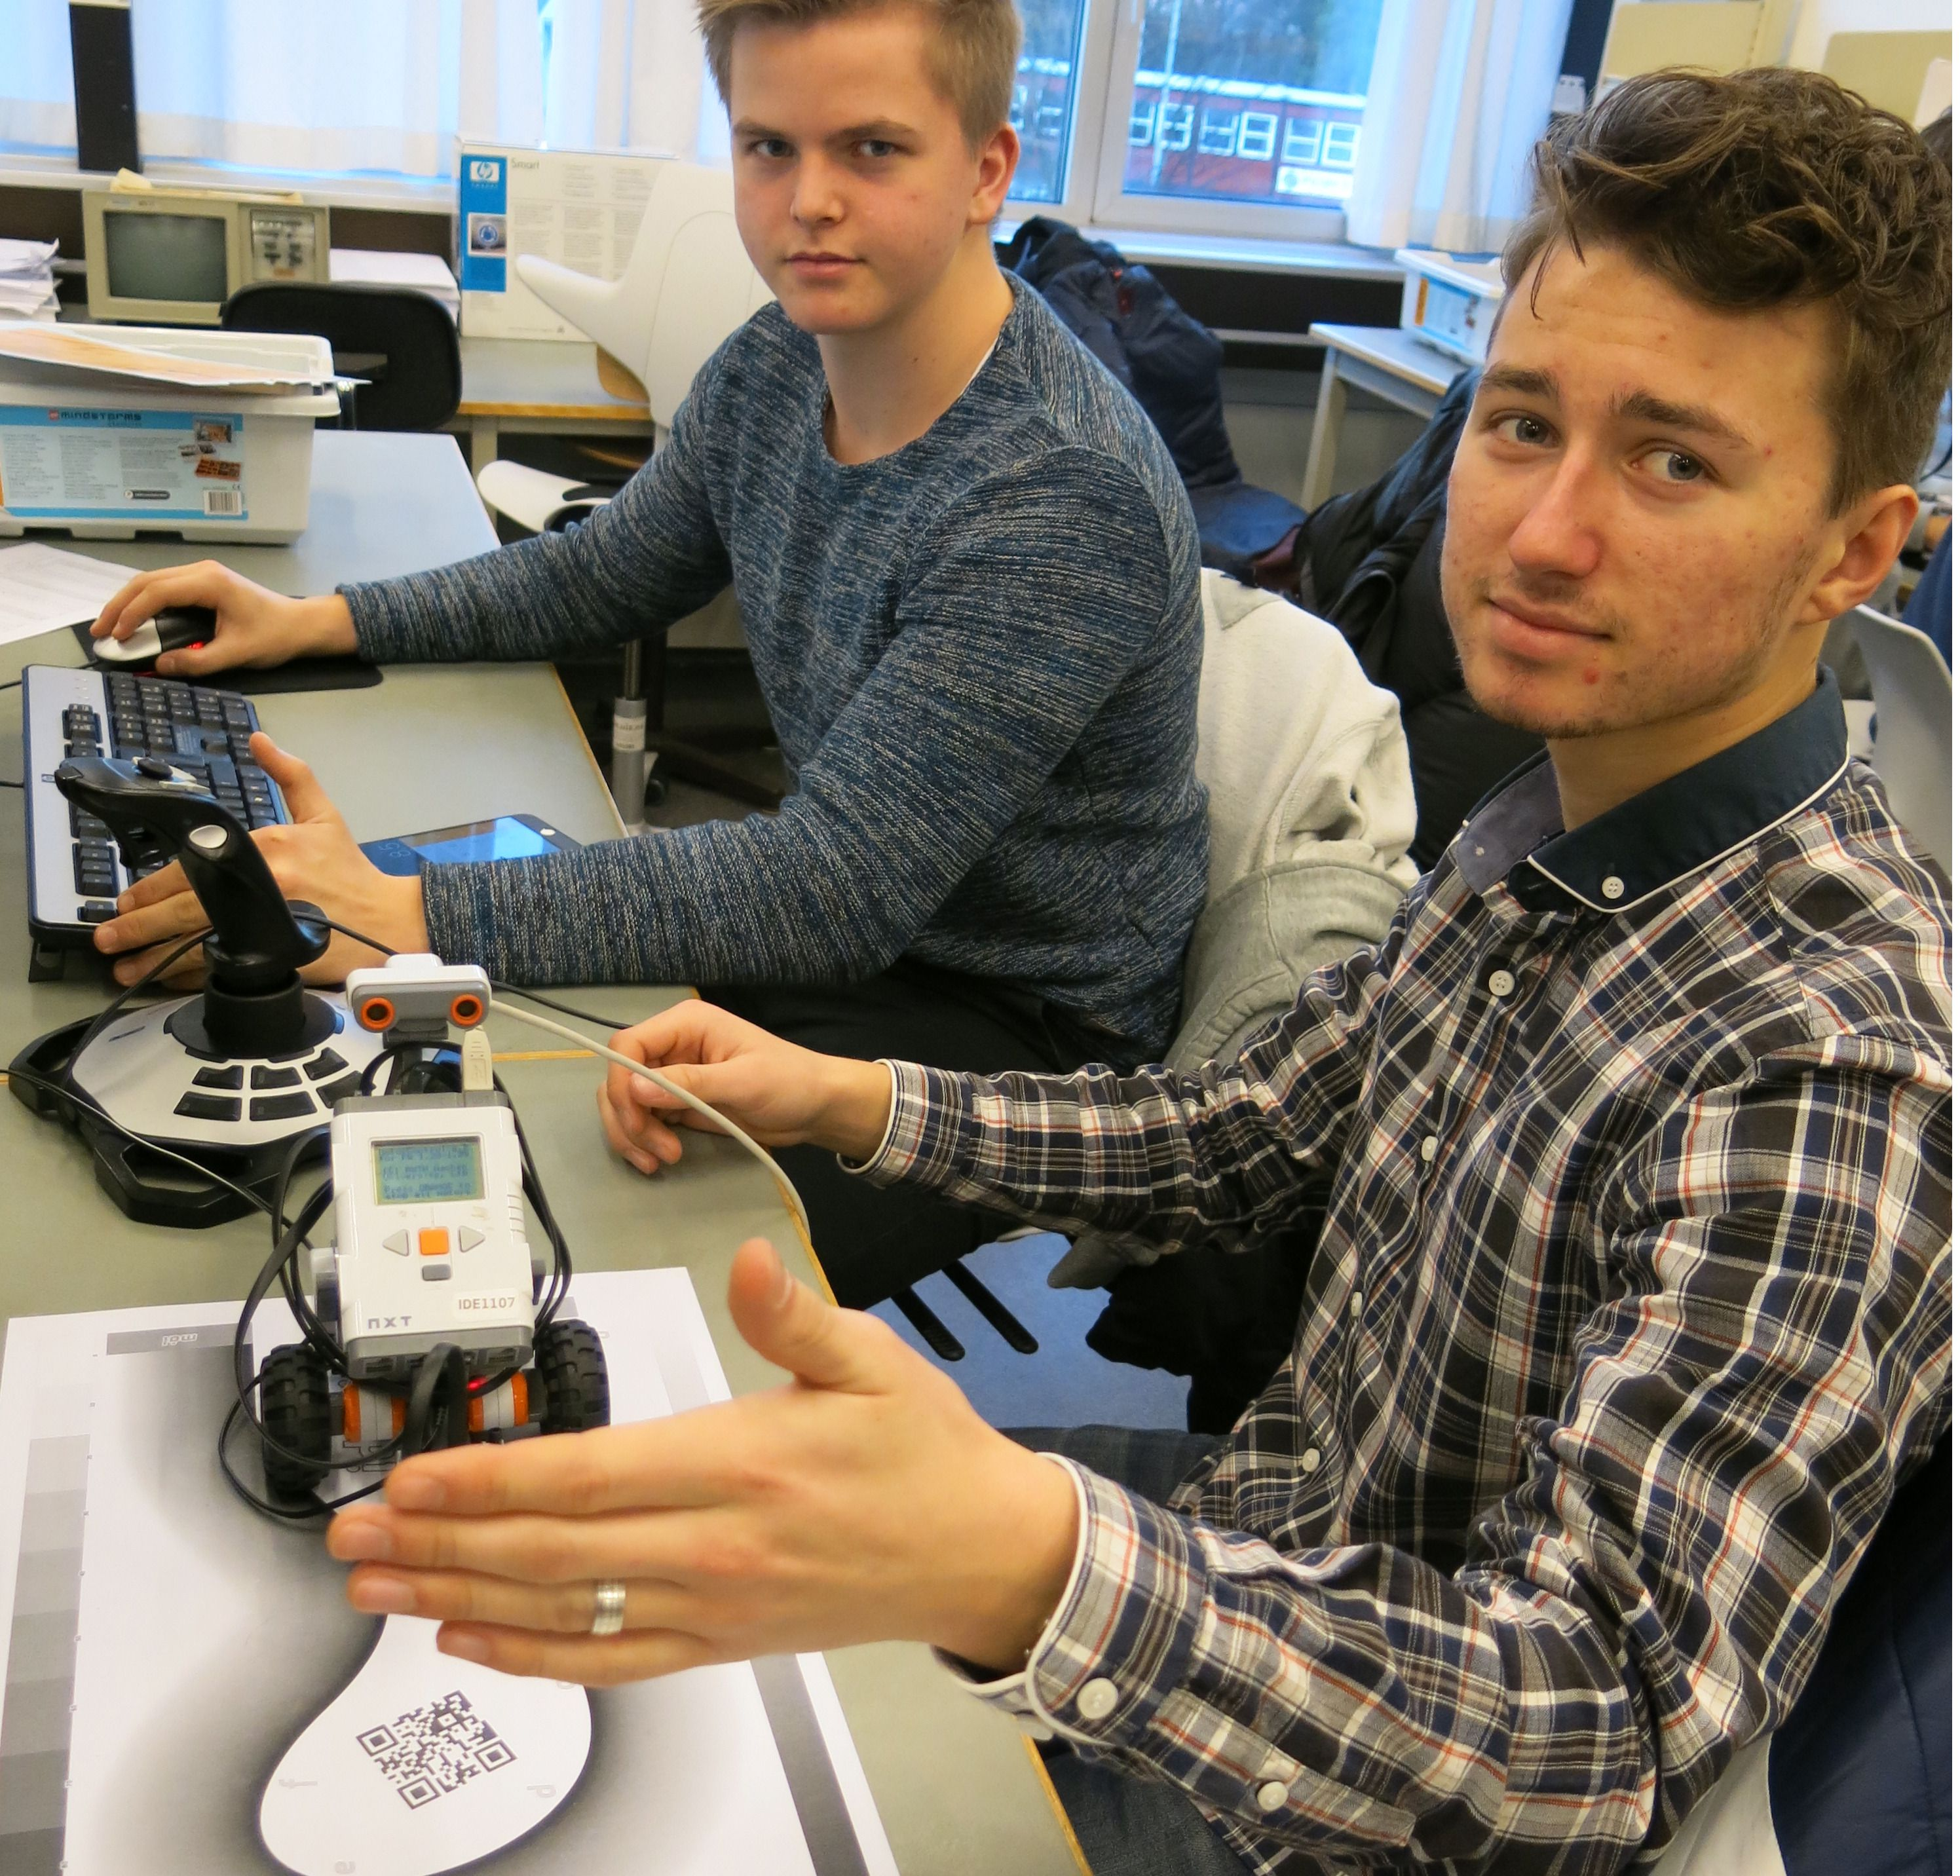 Simen Grønli, til venstre, og Christian Høie på Forskerlinja lærer robotbygging og programmering på universitetet. Foto: Lars Gunnar Dahle, UiS.